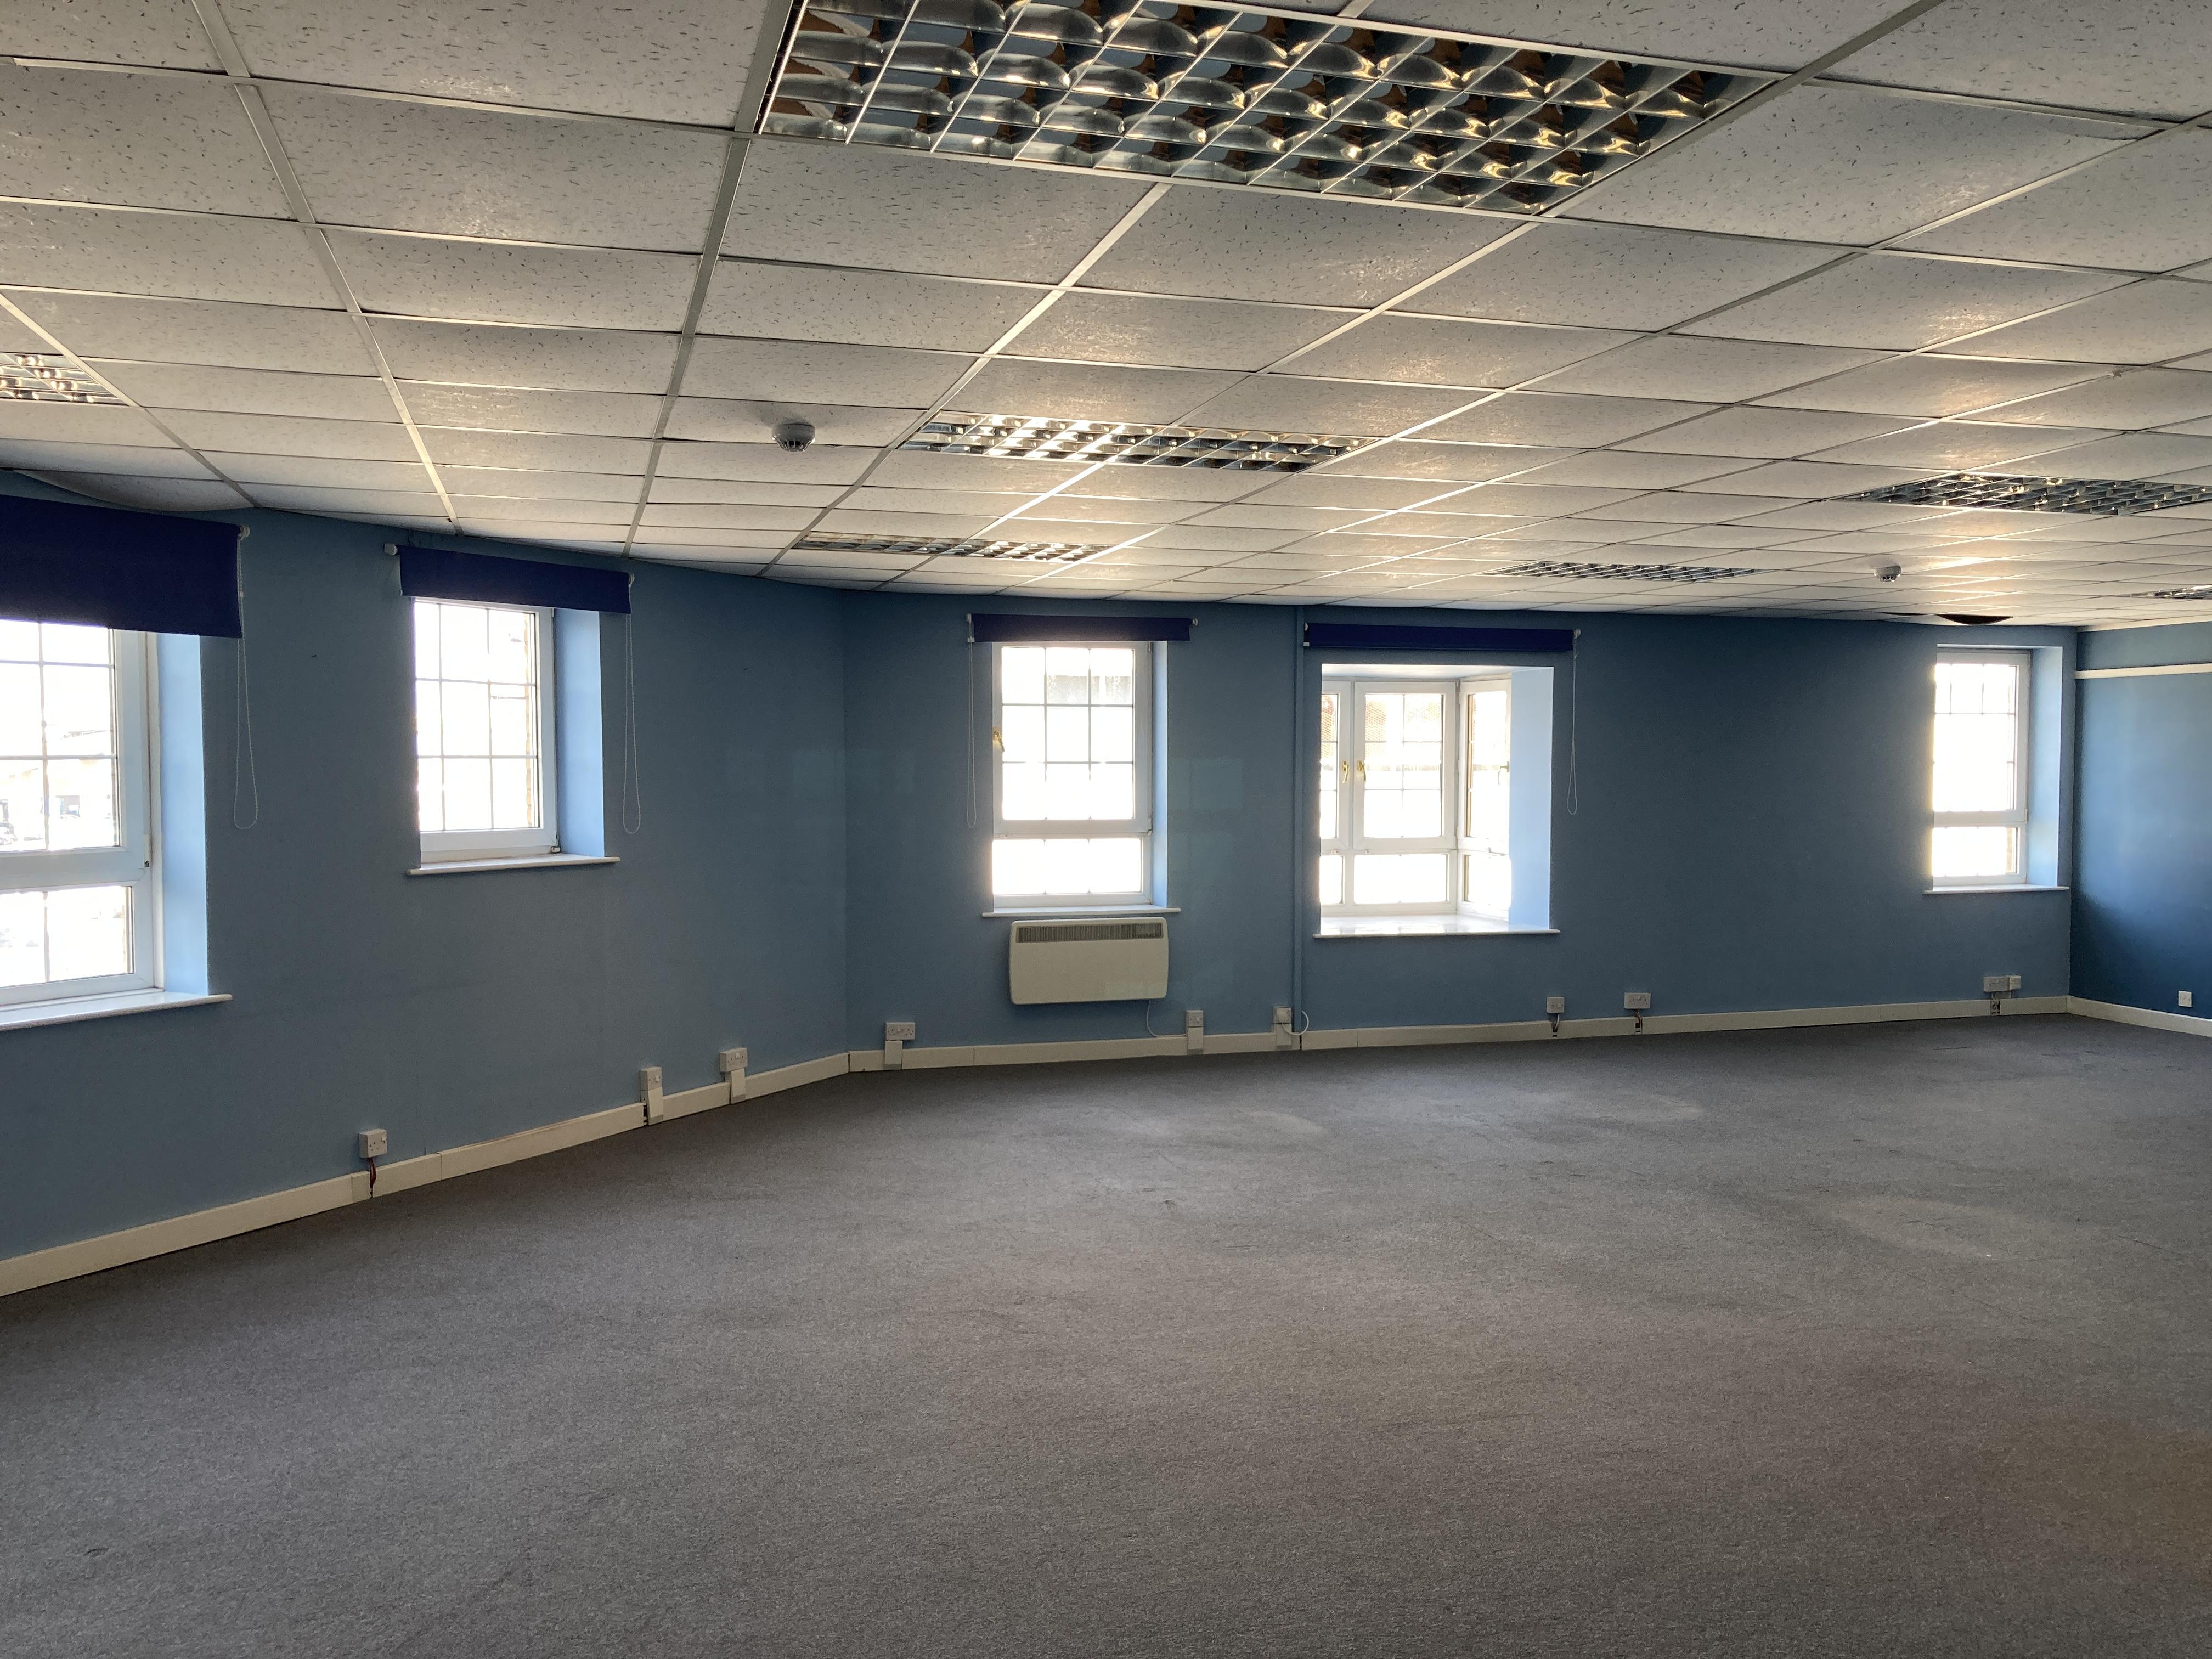 Suite 4-6 Brighton image.